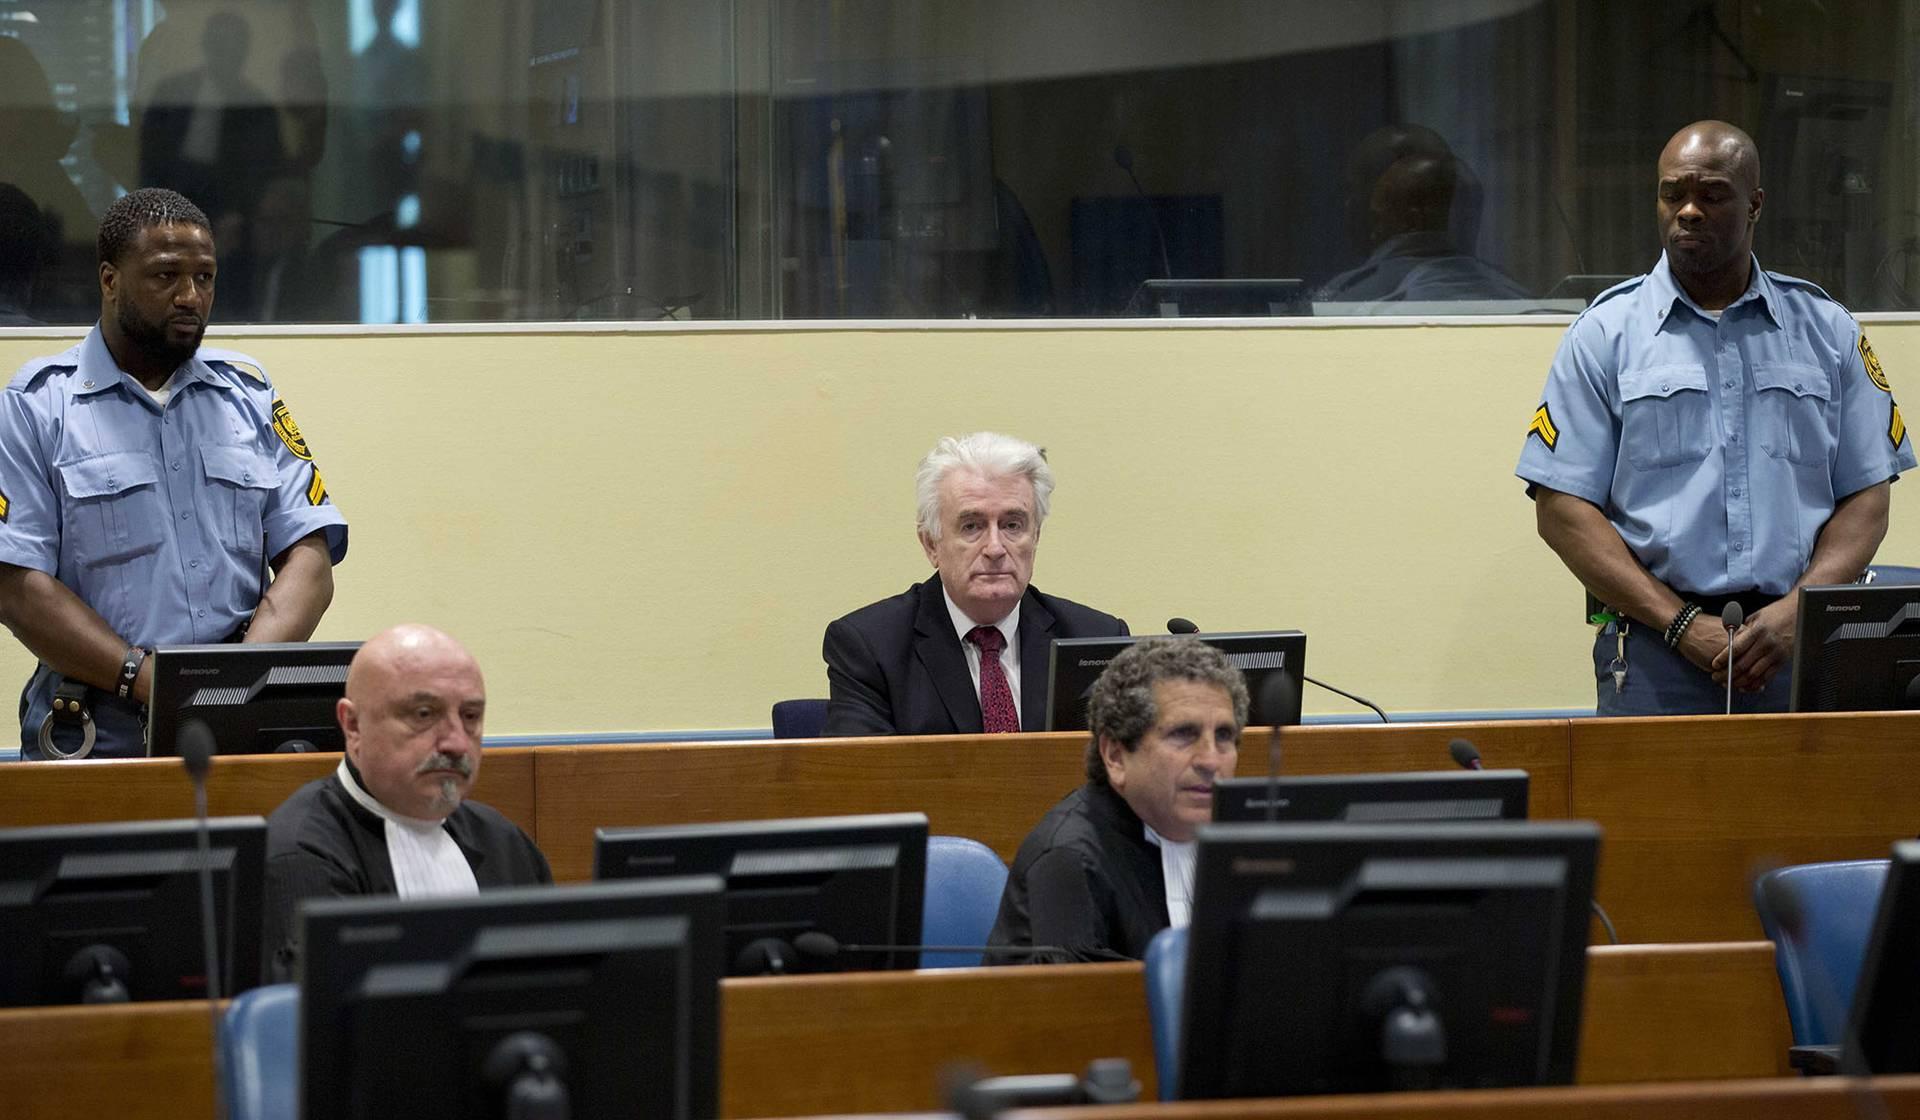 Колишній лідер боснійських сербів Радован Караджич в залі засідань Міжнародного кримінального суду, Гаага, Нідерланди, 20 березня 2019 року. Гаазький трибунал засудив Караджича до довічного ув'язнення